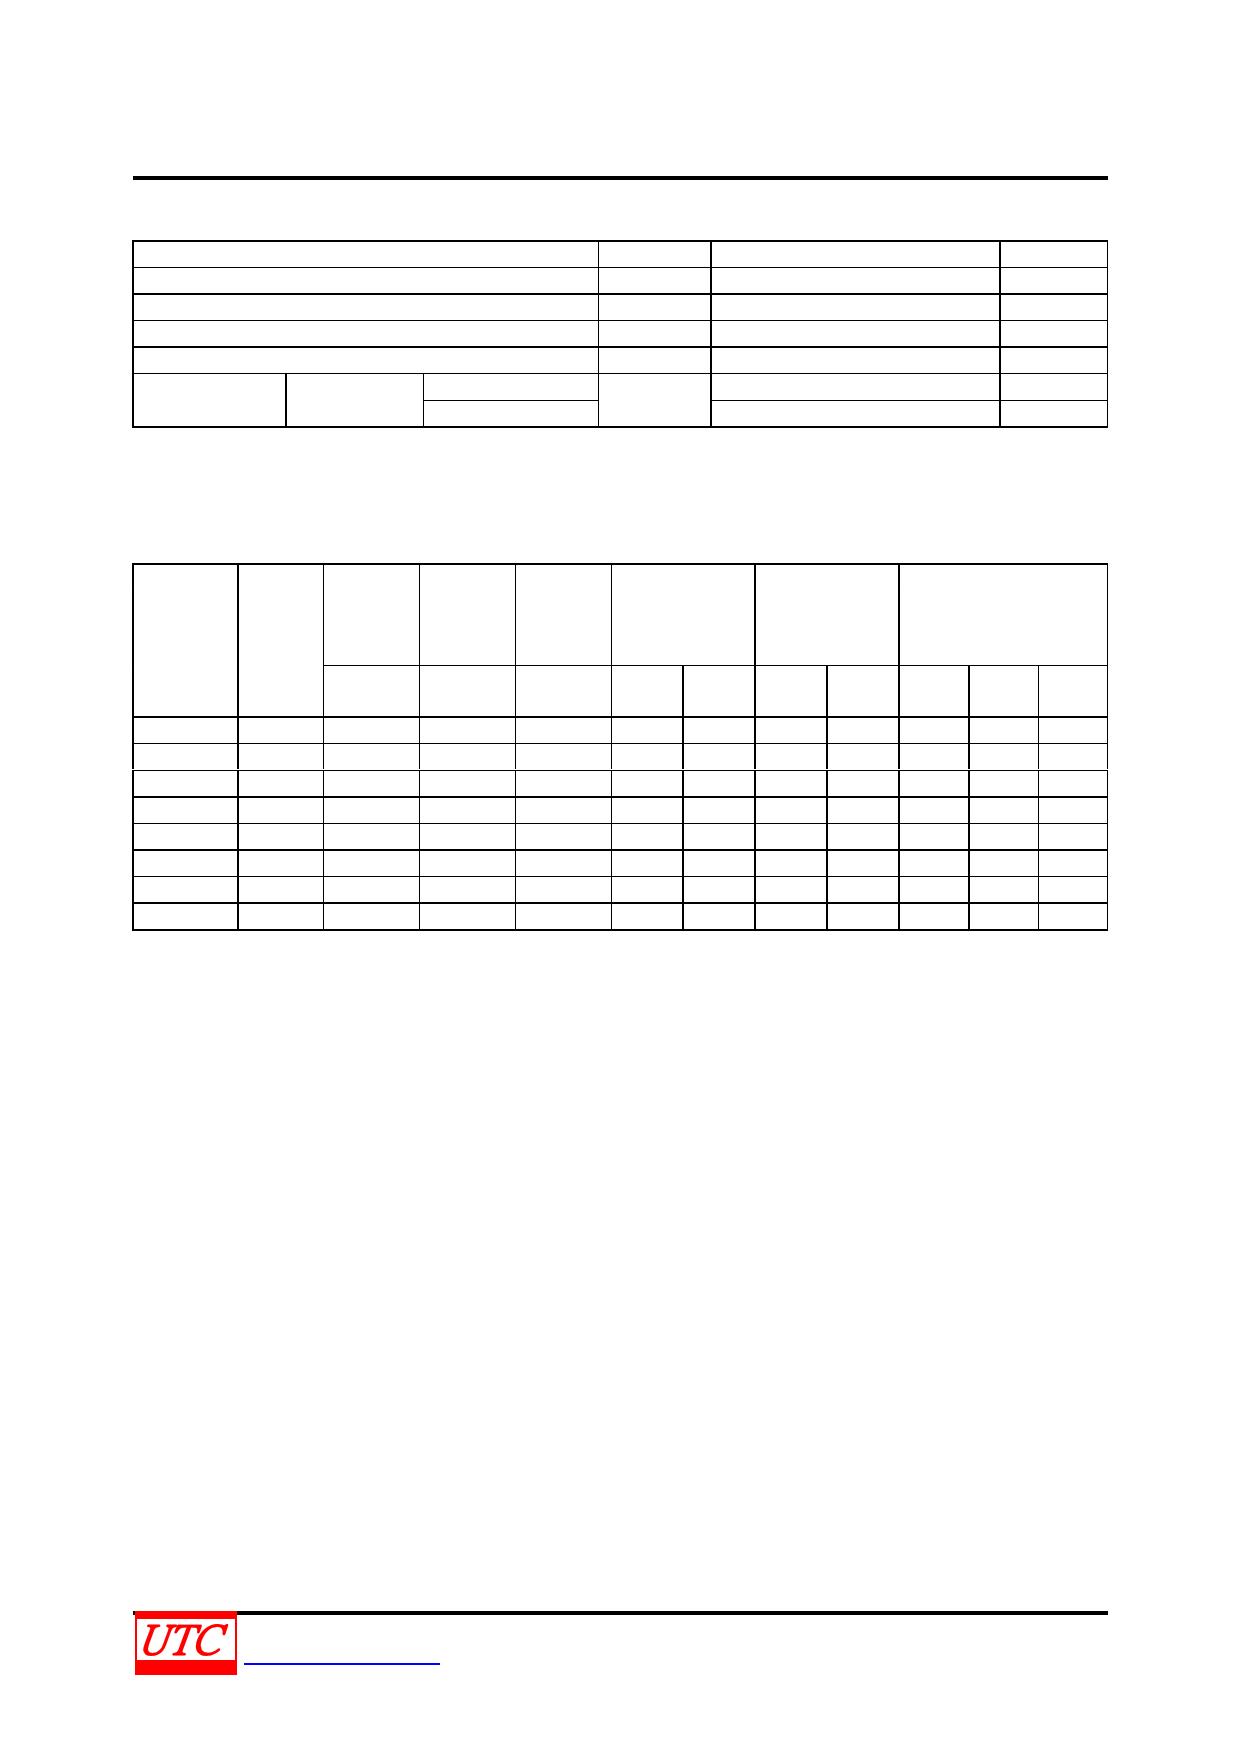 SMA7V pdf, schematic